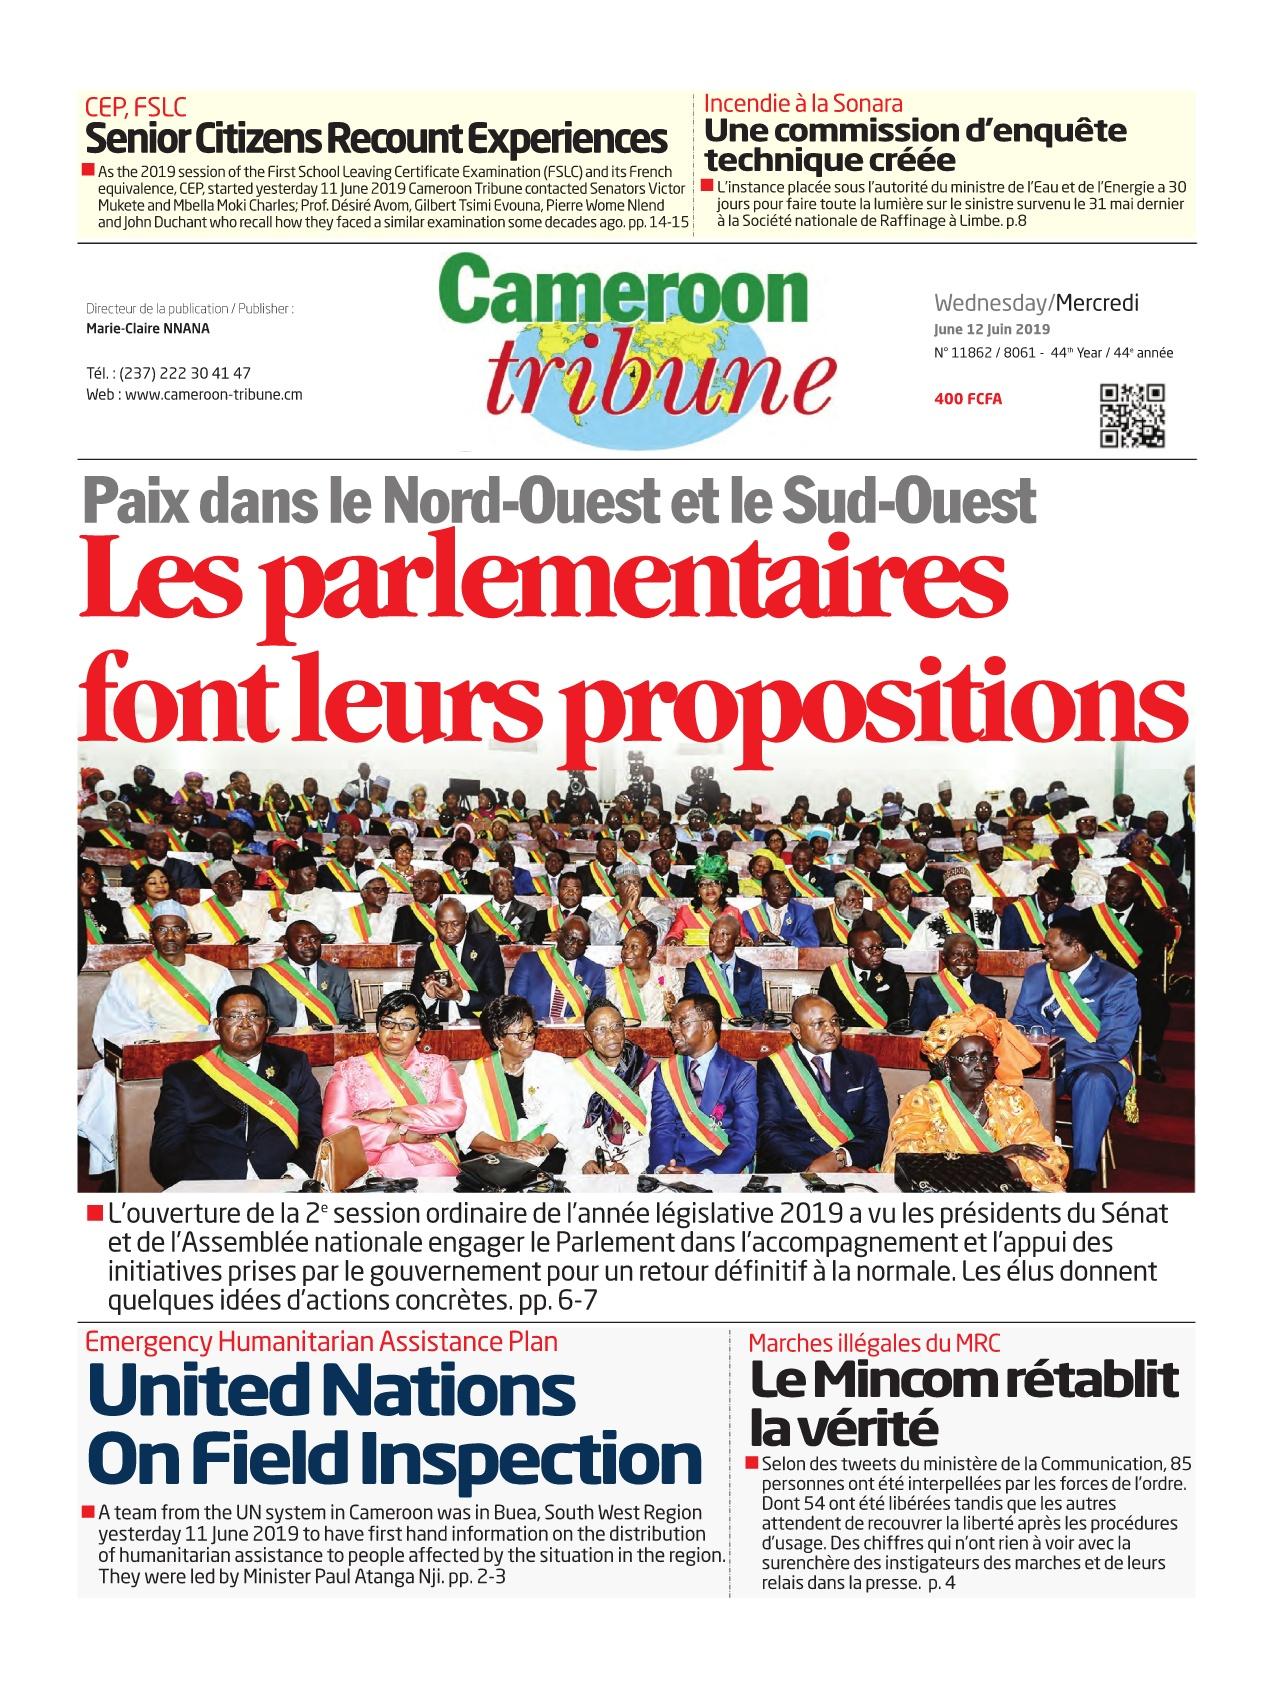 Cameroon Tribune - 12/06/2019